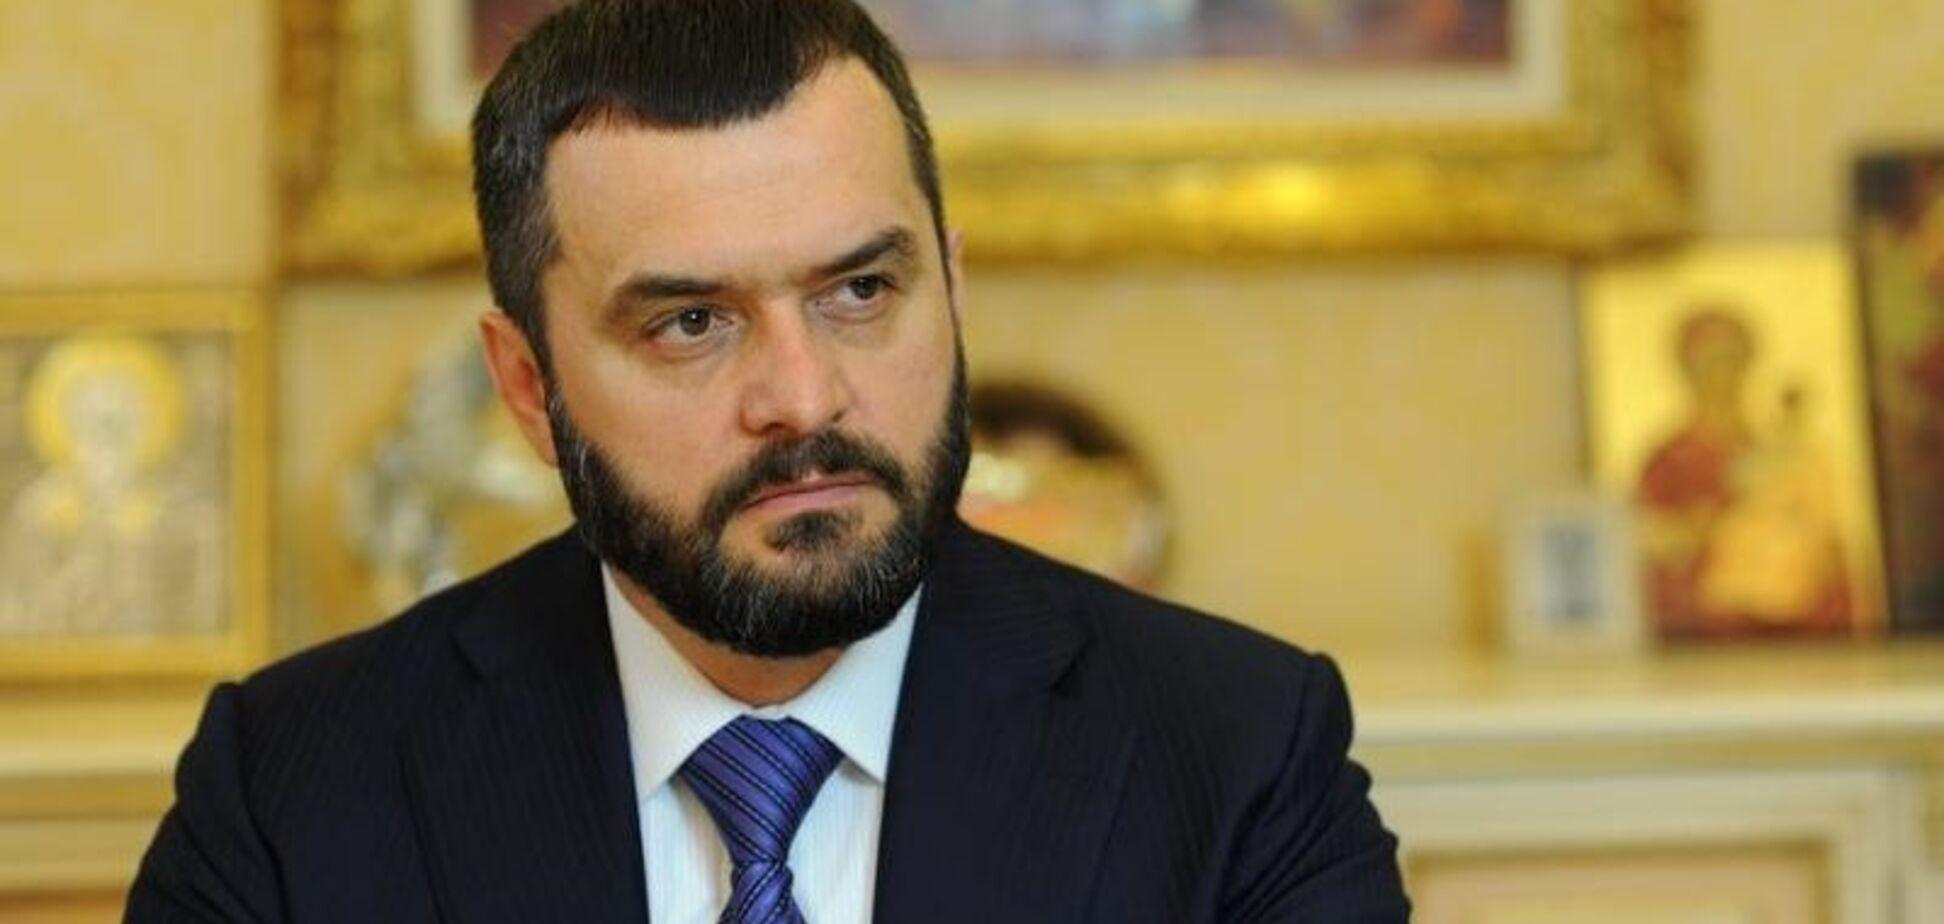 Суд вернул землю скандальному экс-министру Януковича: подробности